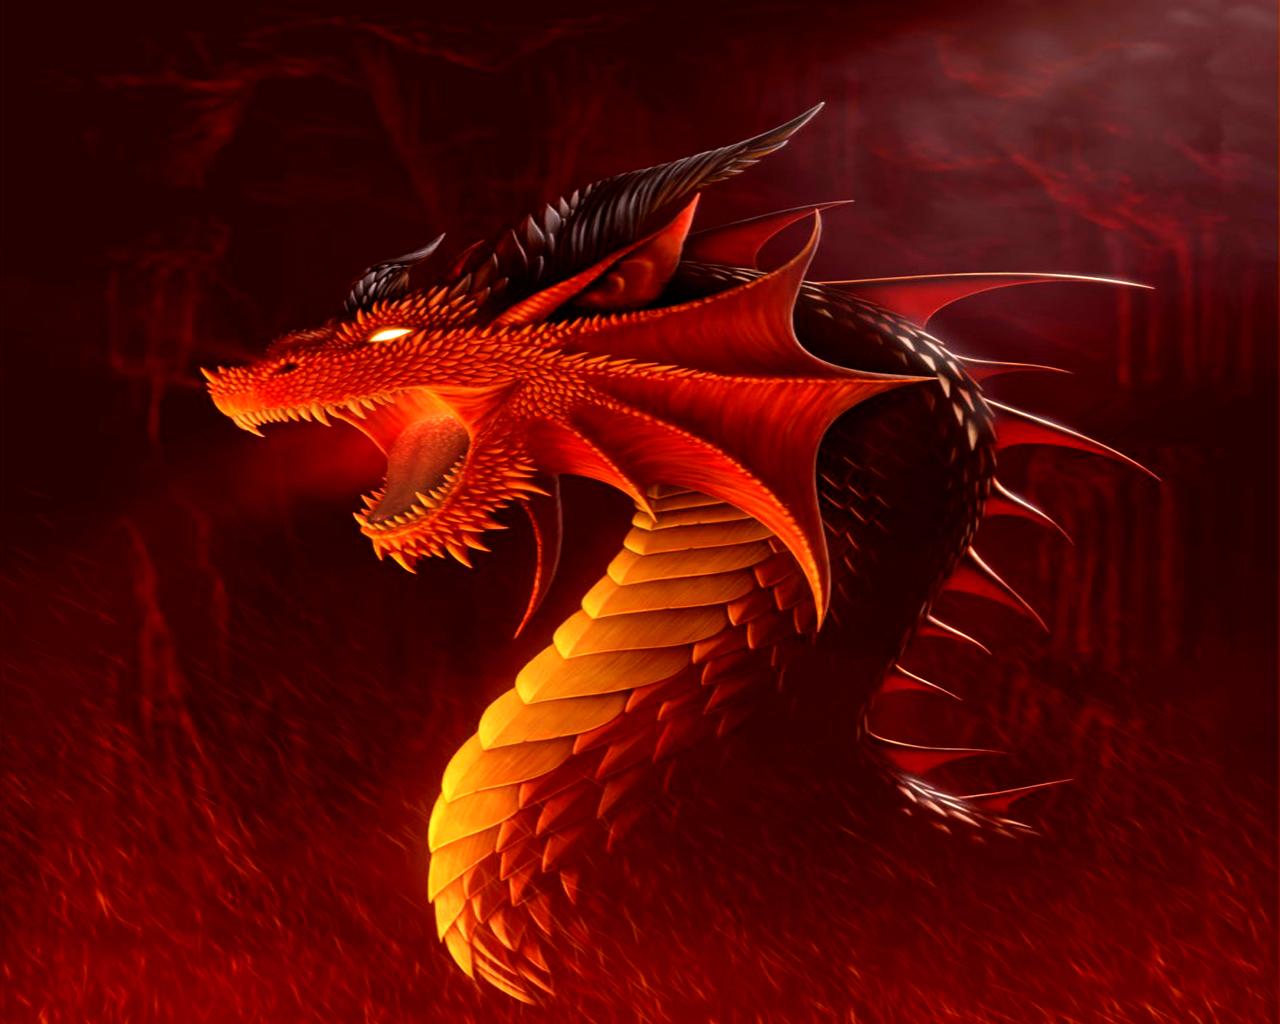 Draken Wallpapers. Bureaublad achtergronden van Draken.: www.animaatjes.nl/wallpapers/draken/&p=5